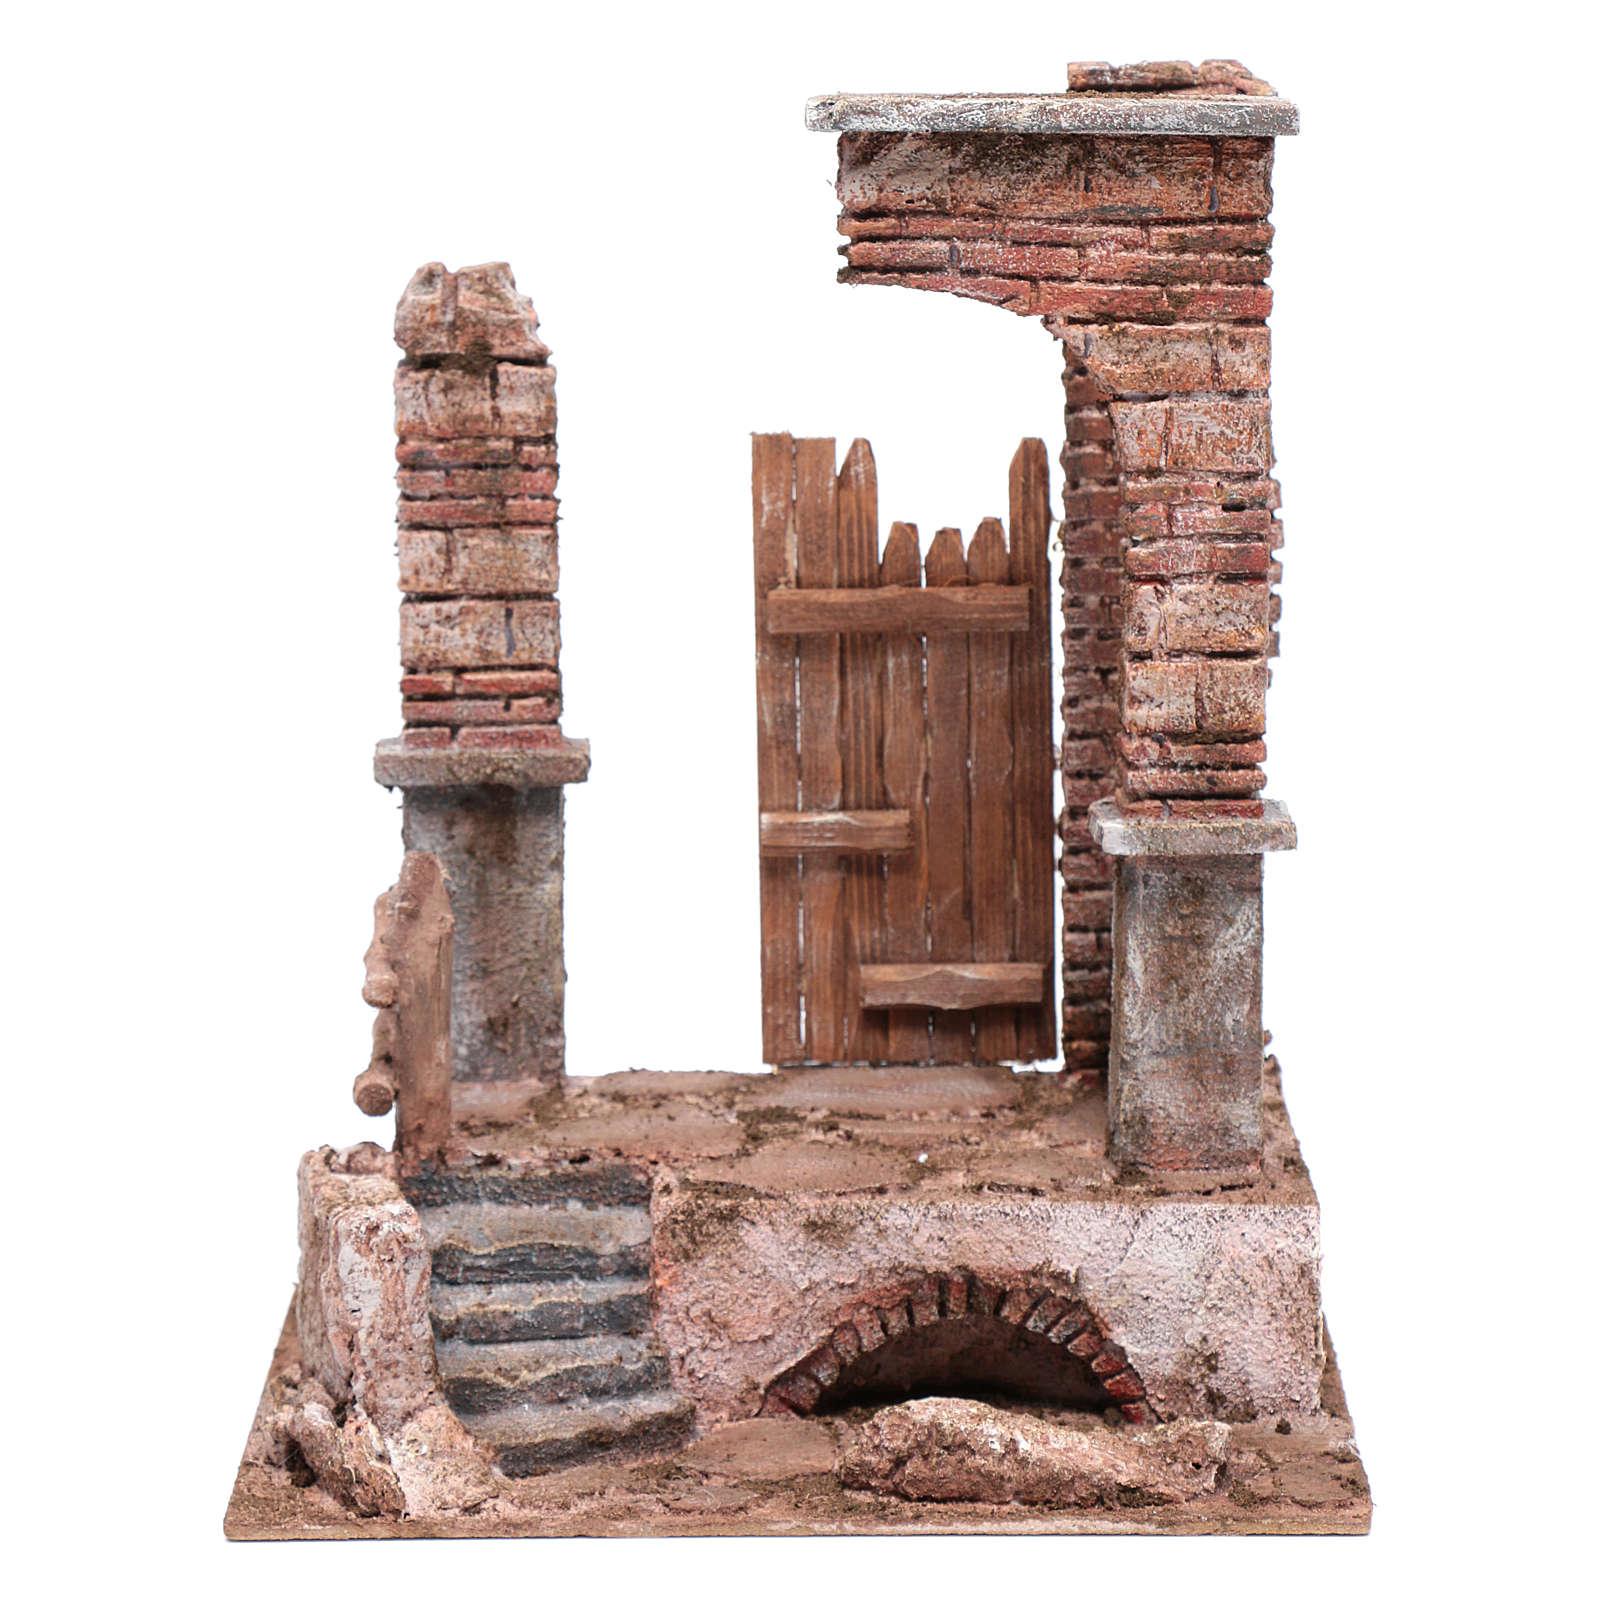 Templo columnas de ladrillos 30x25x20 cm 4